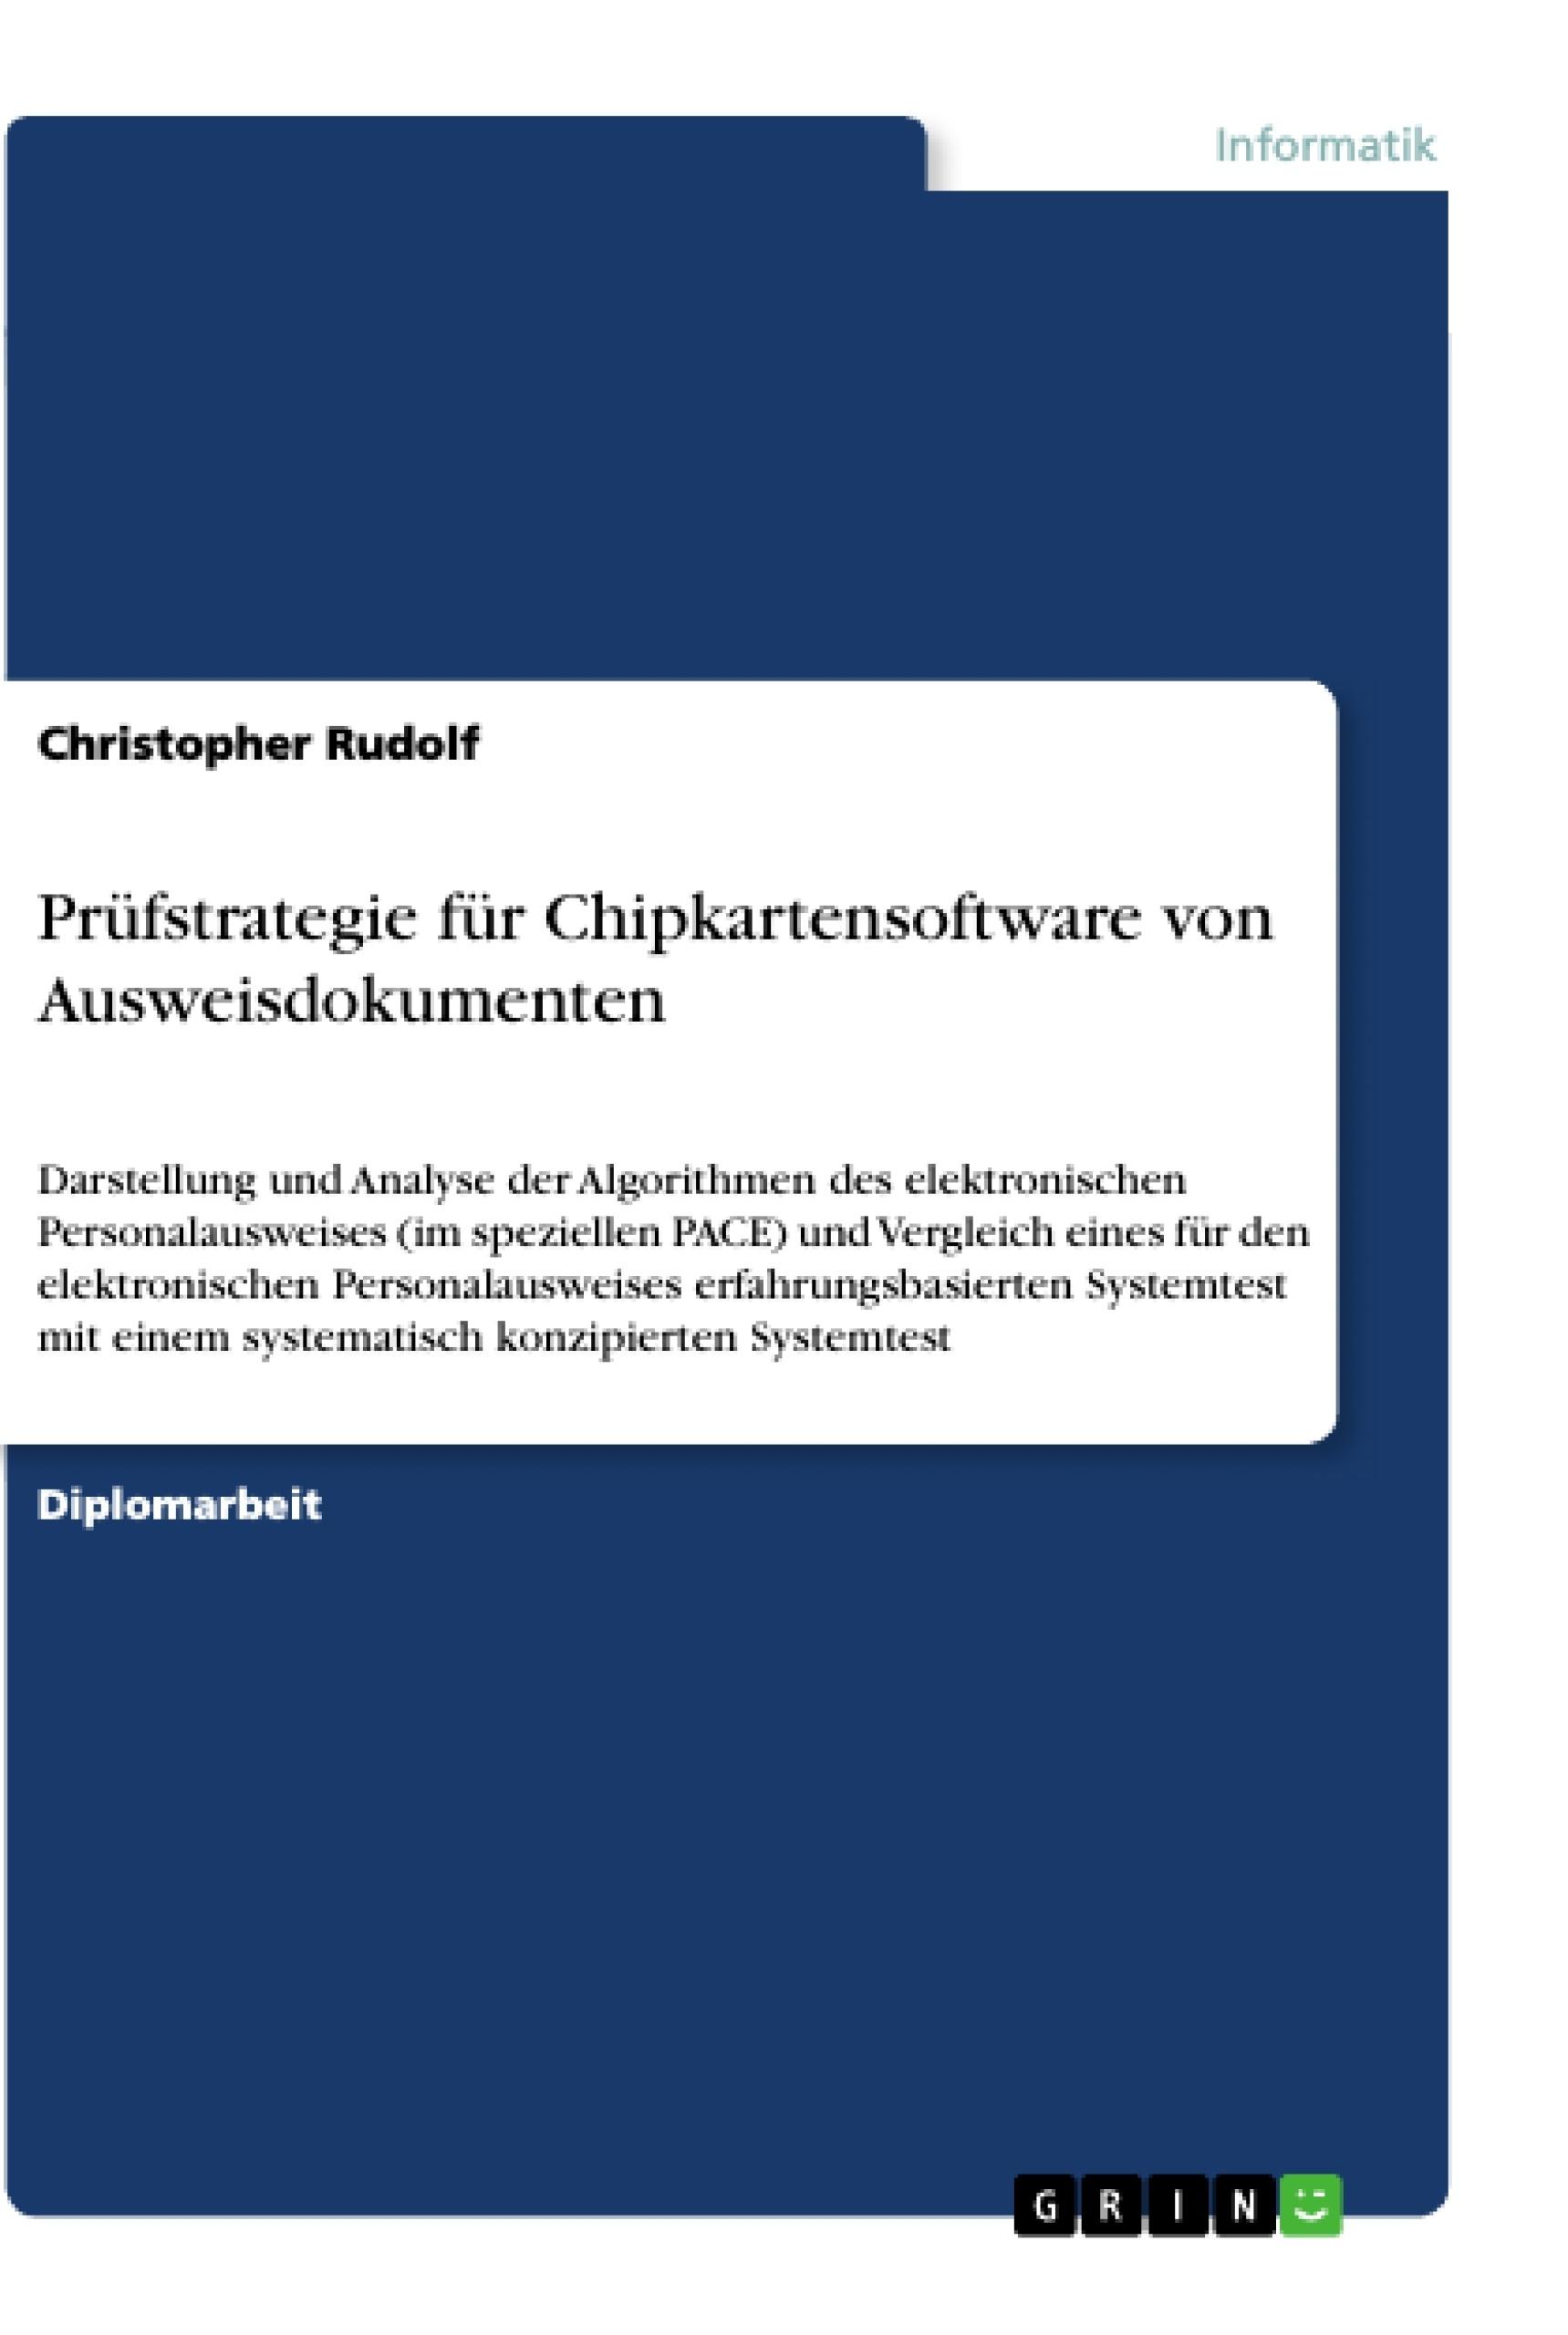 Titel: Prüfstrategie für Chipkartensoftware von Ausweisdokumenten